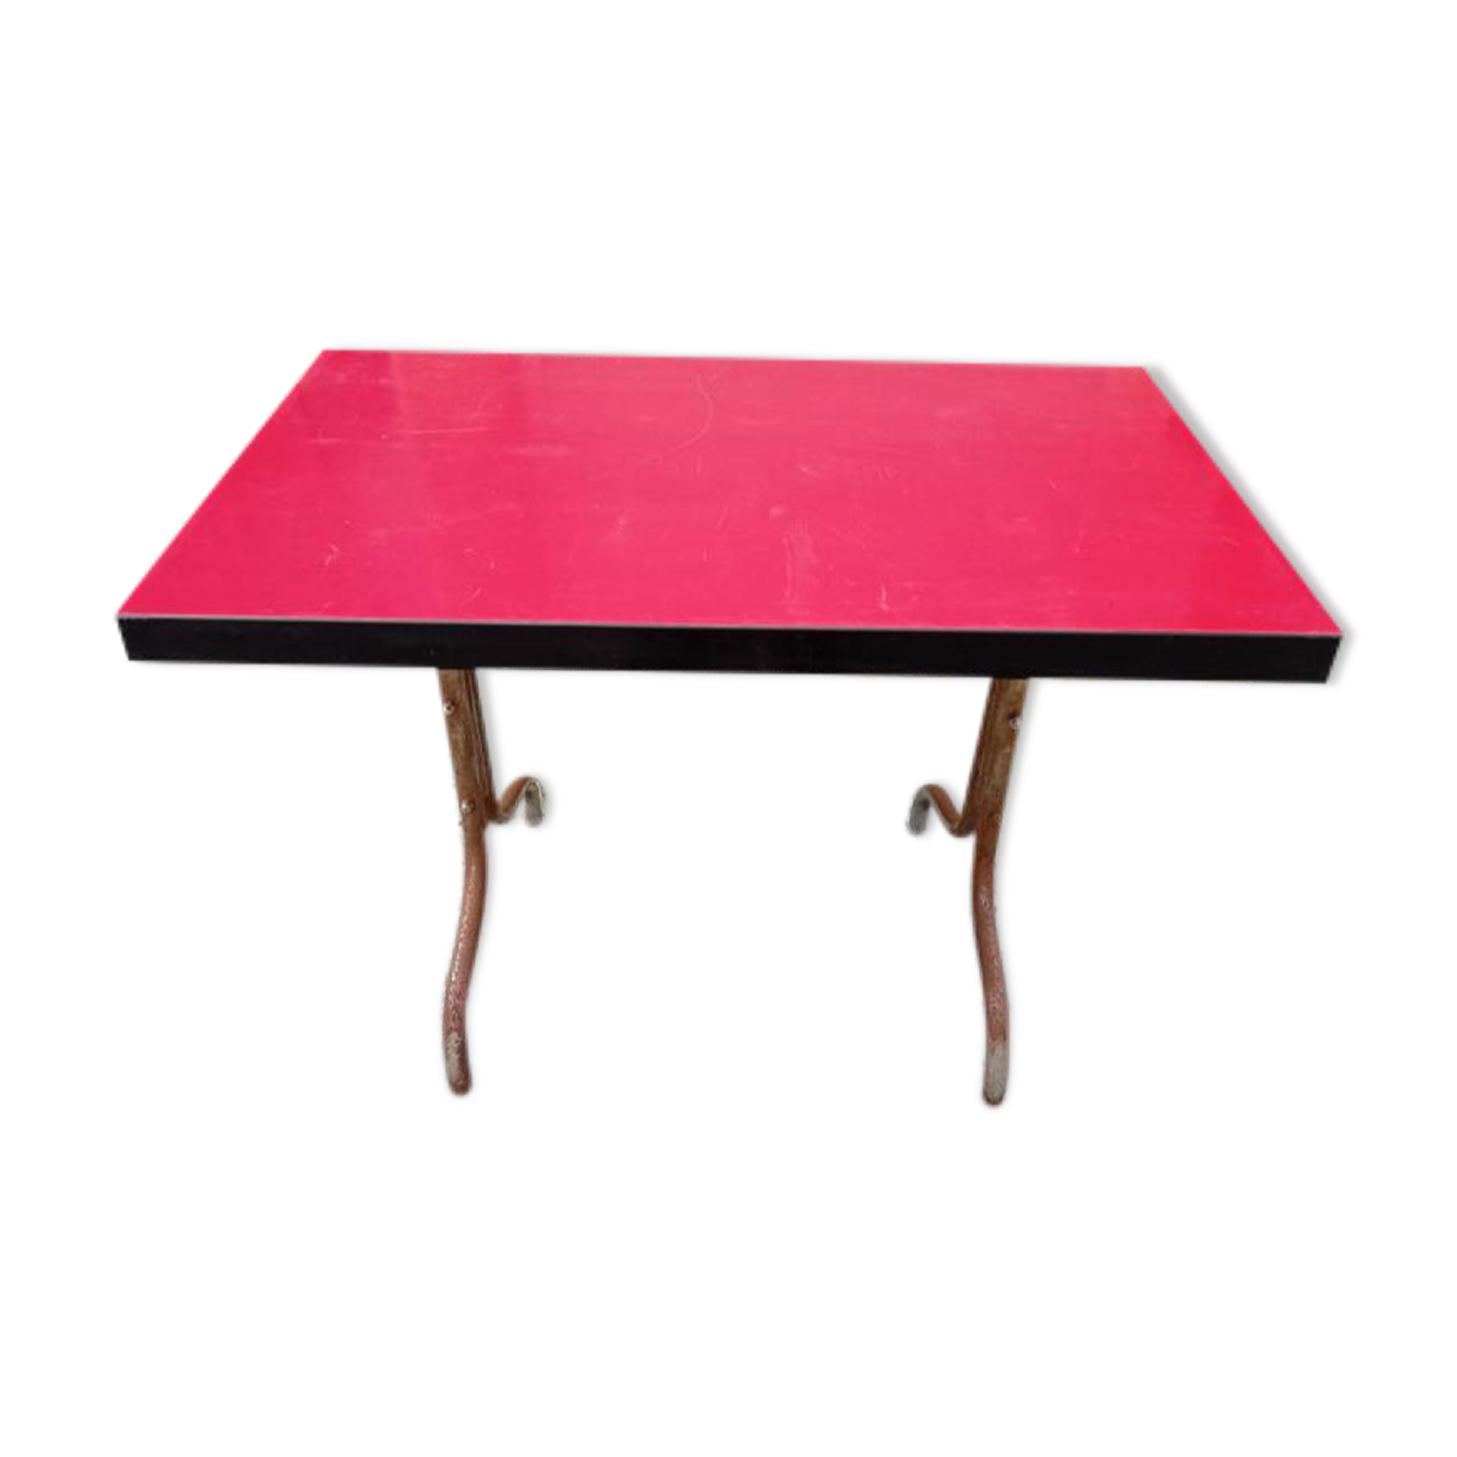 Table bistrot rouge vintage